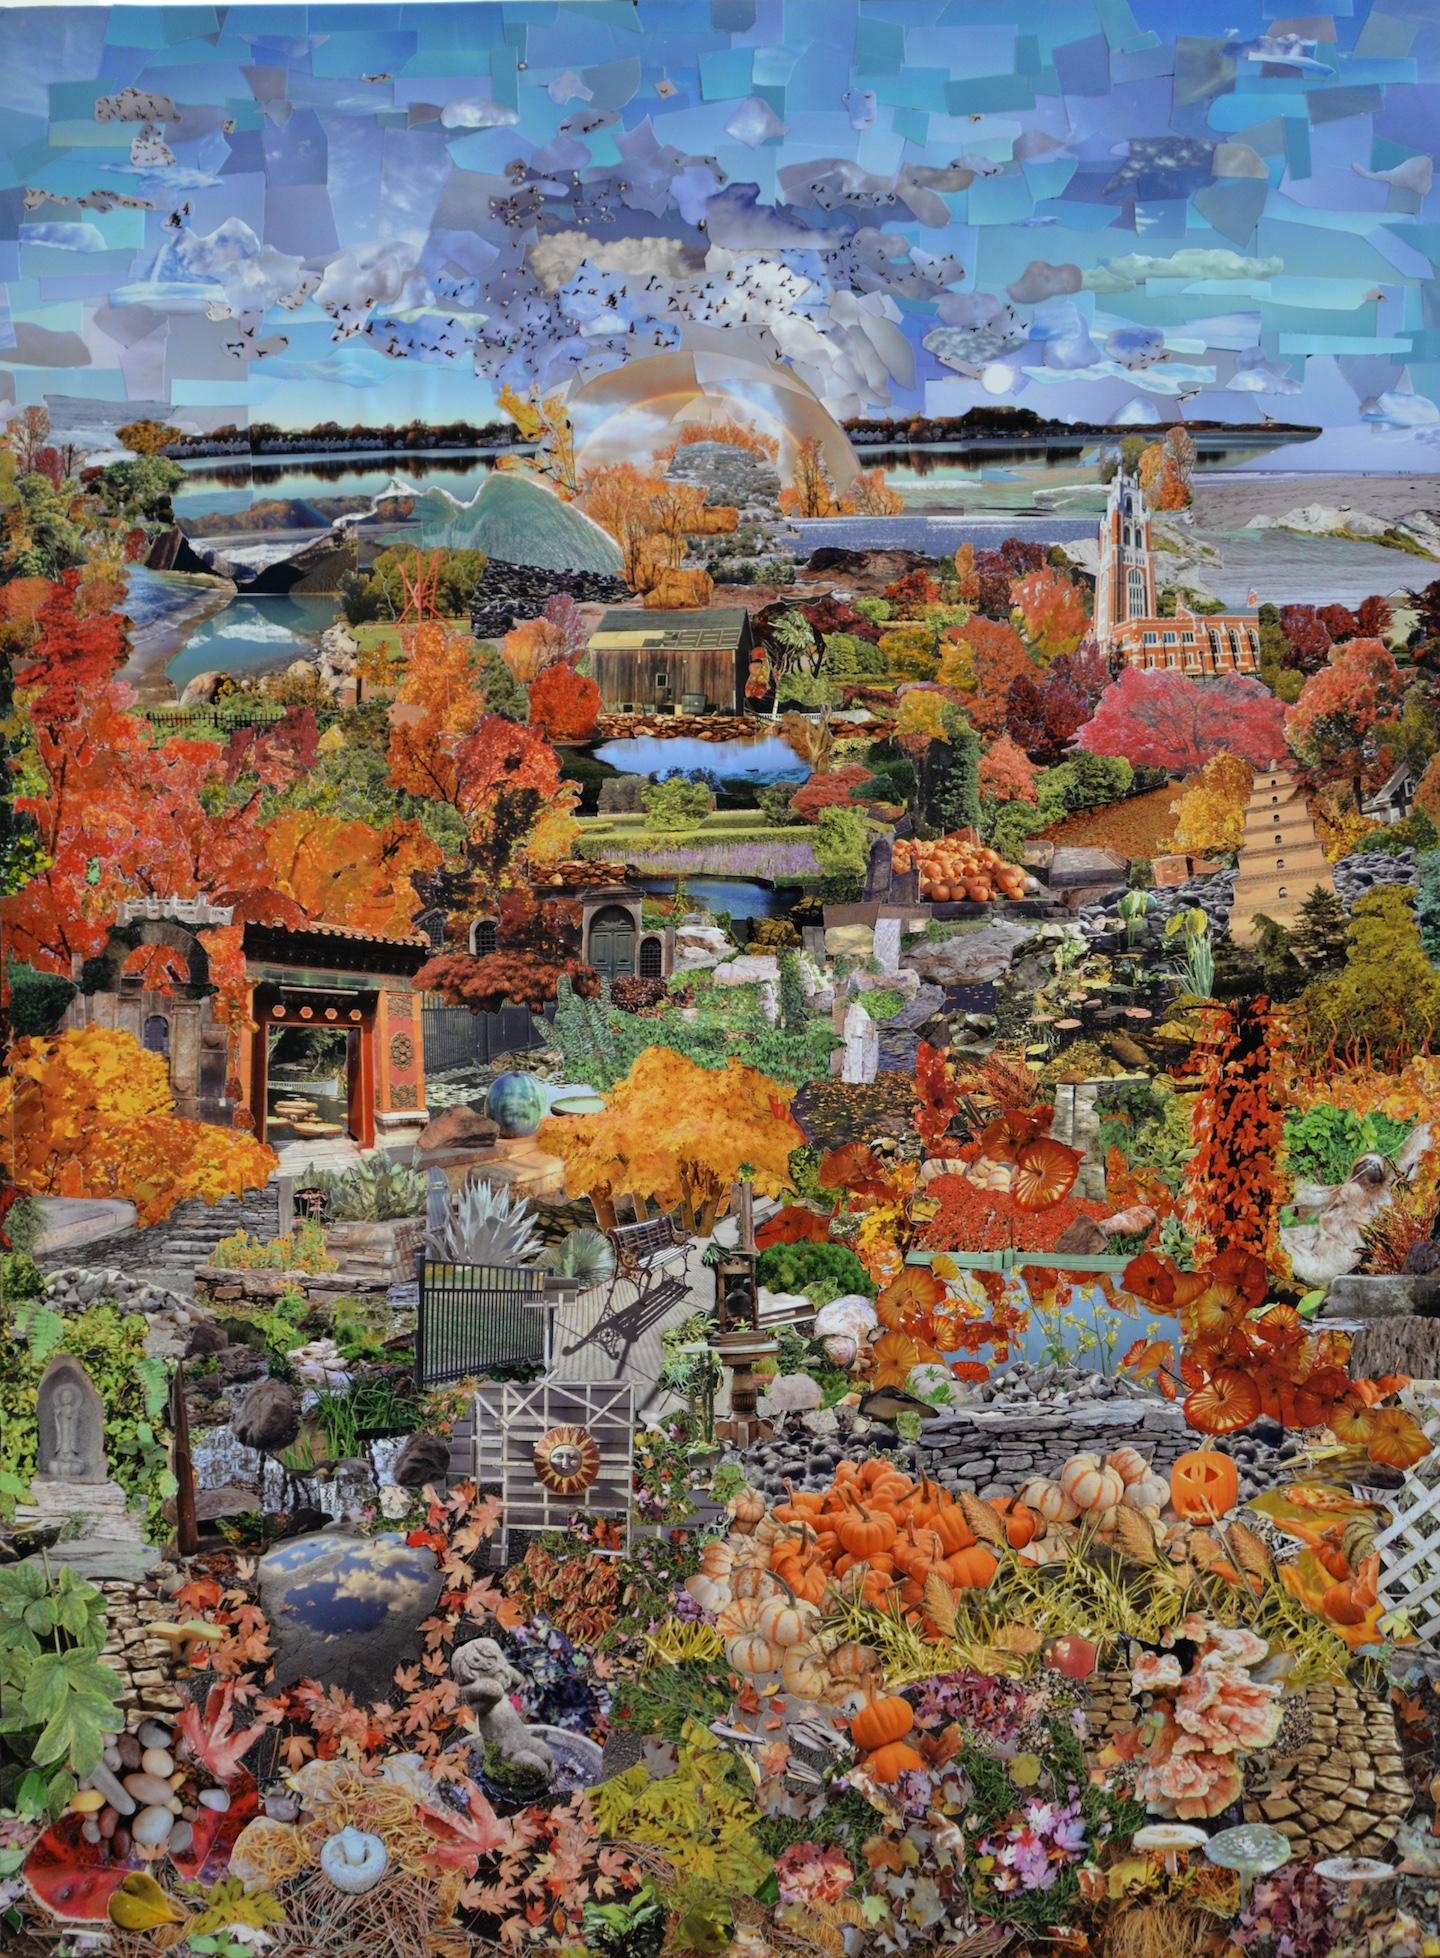 Panel 4 - Autumn Garden